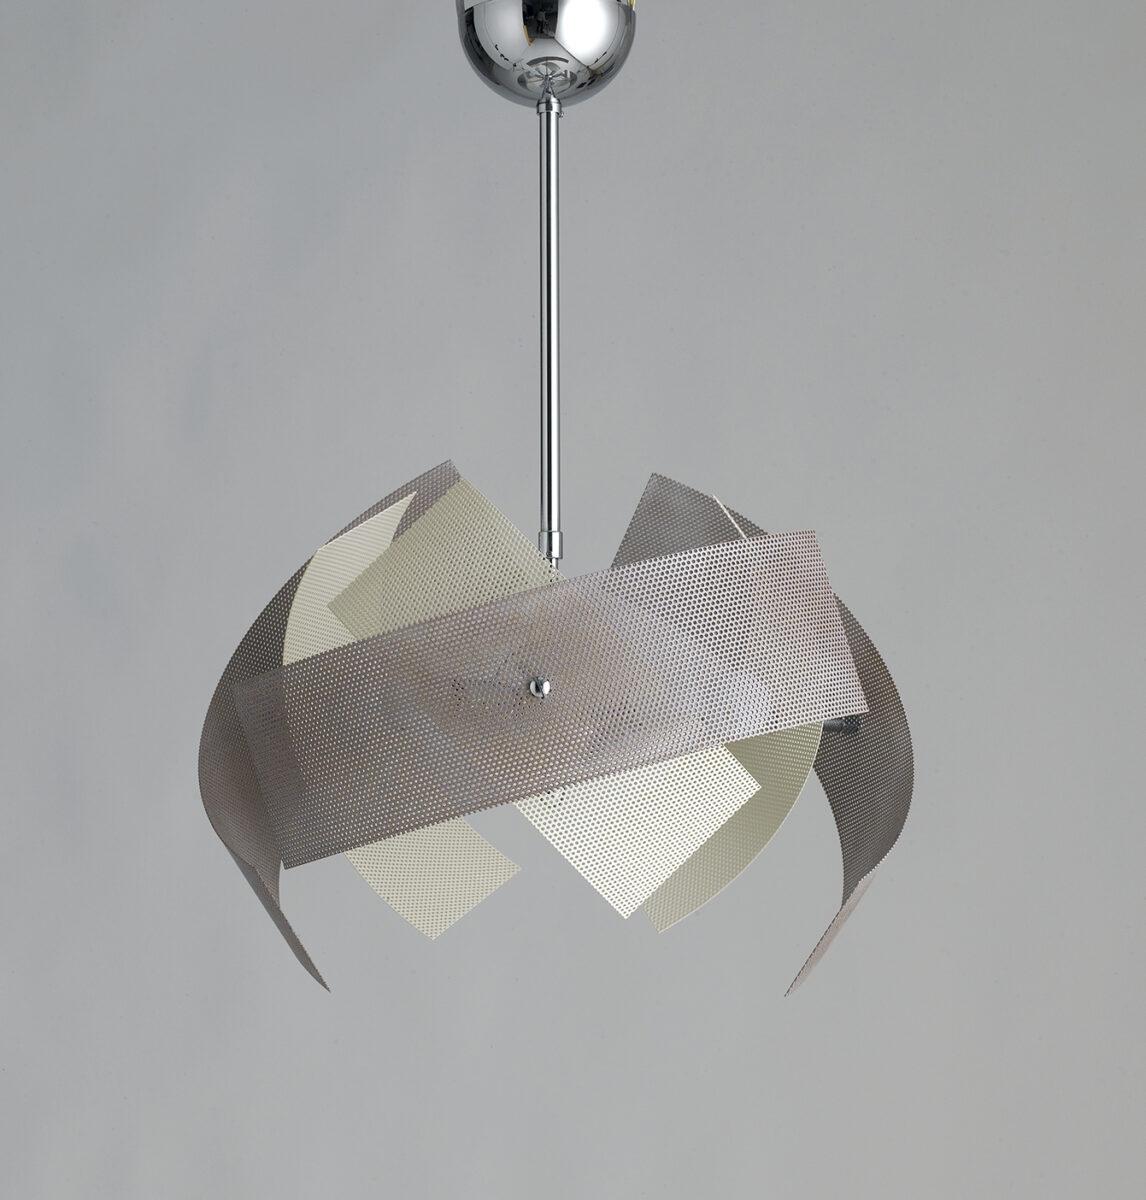 lampadario moderno 6 luci avorio tortora la luce del futuro